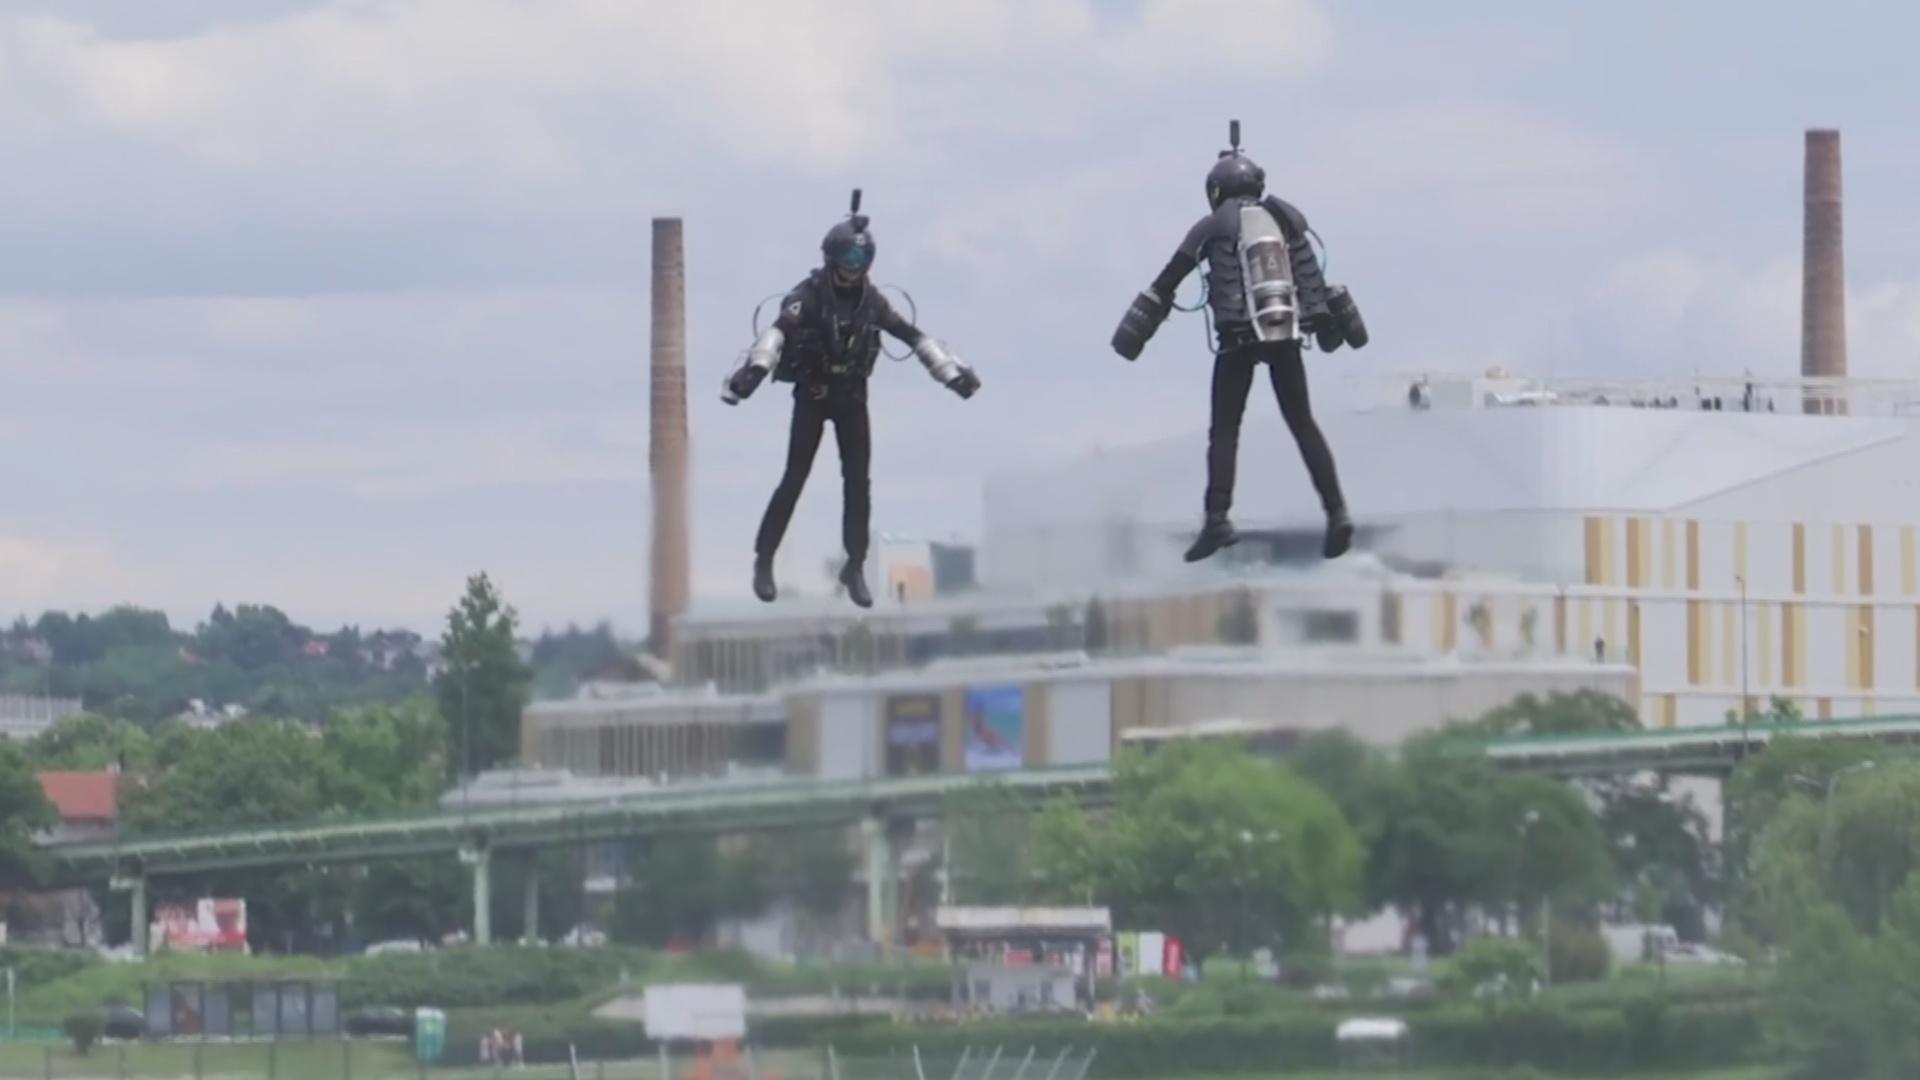 Британский изобретатель полетал в реактивном костюме в Белграде